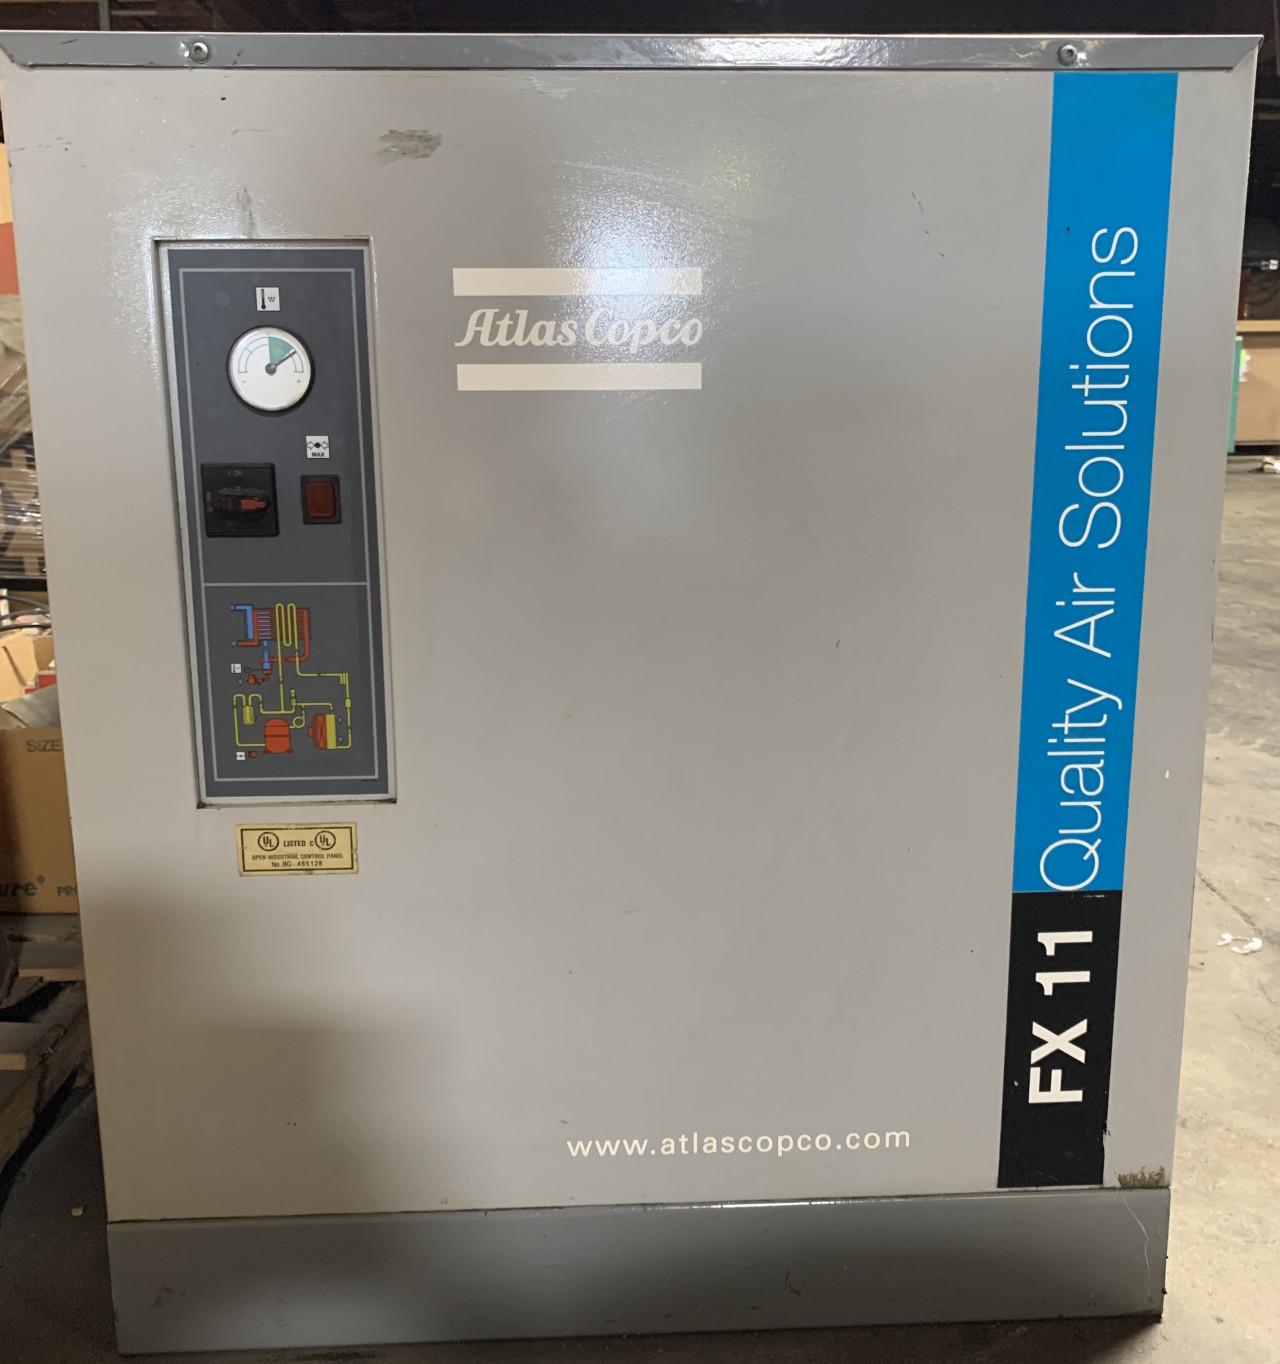 Atlas Copco Air Dryer FX11 2004 13 Bar